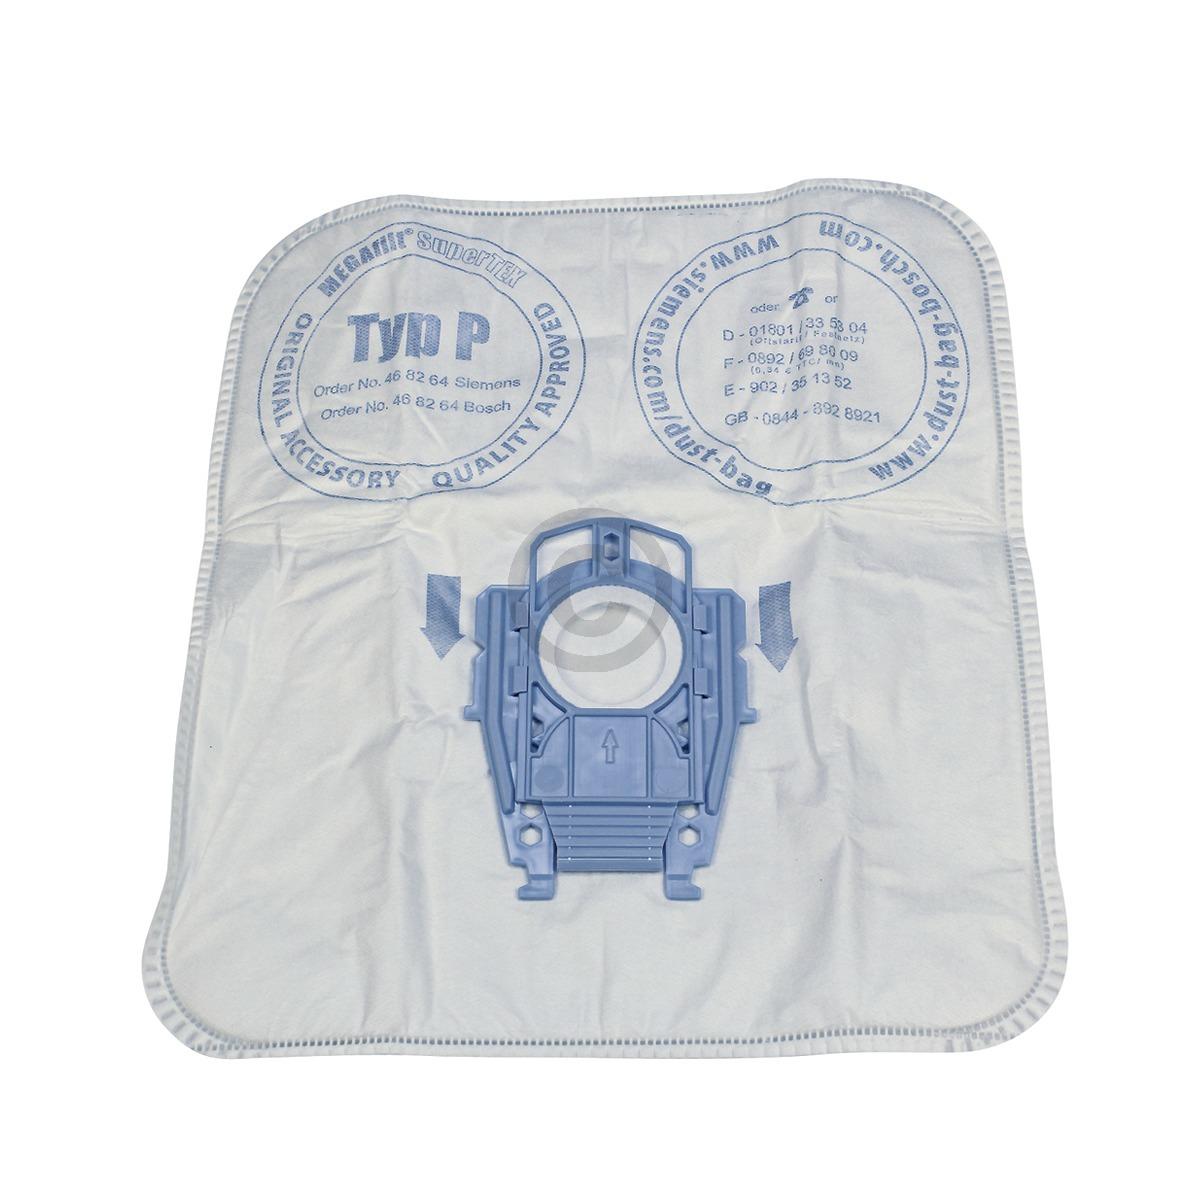 Filterbeutel BSH TypP, OT! 00468264 468264 Bosch, Siemens, Neff, Bosch, Siemens